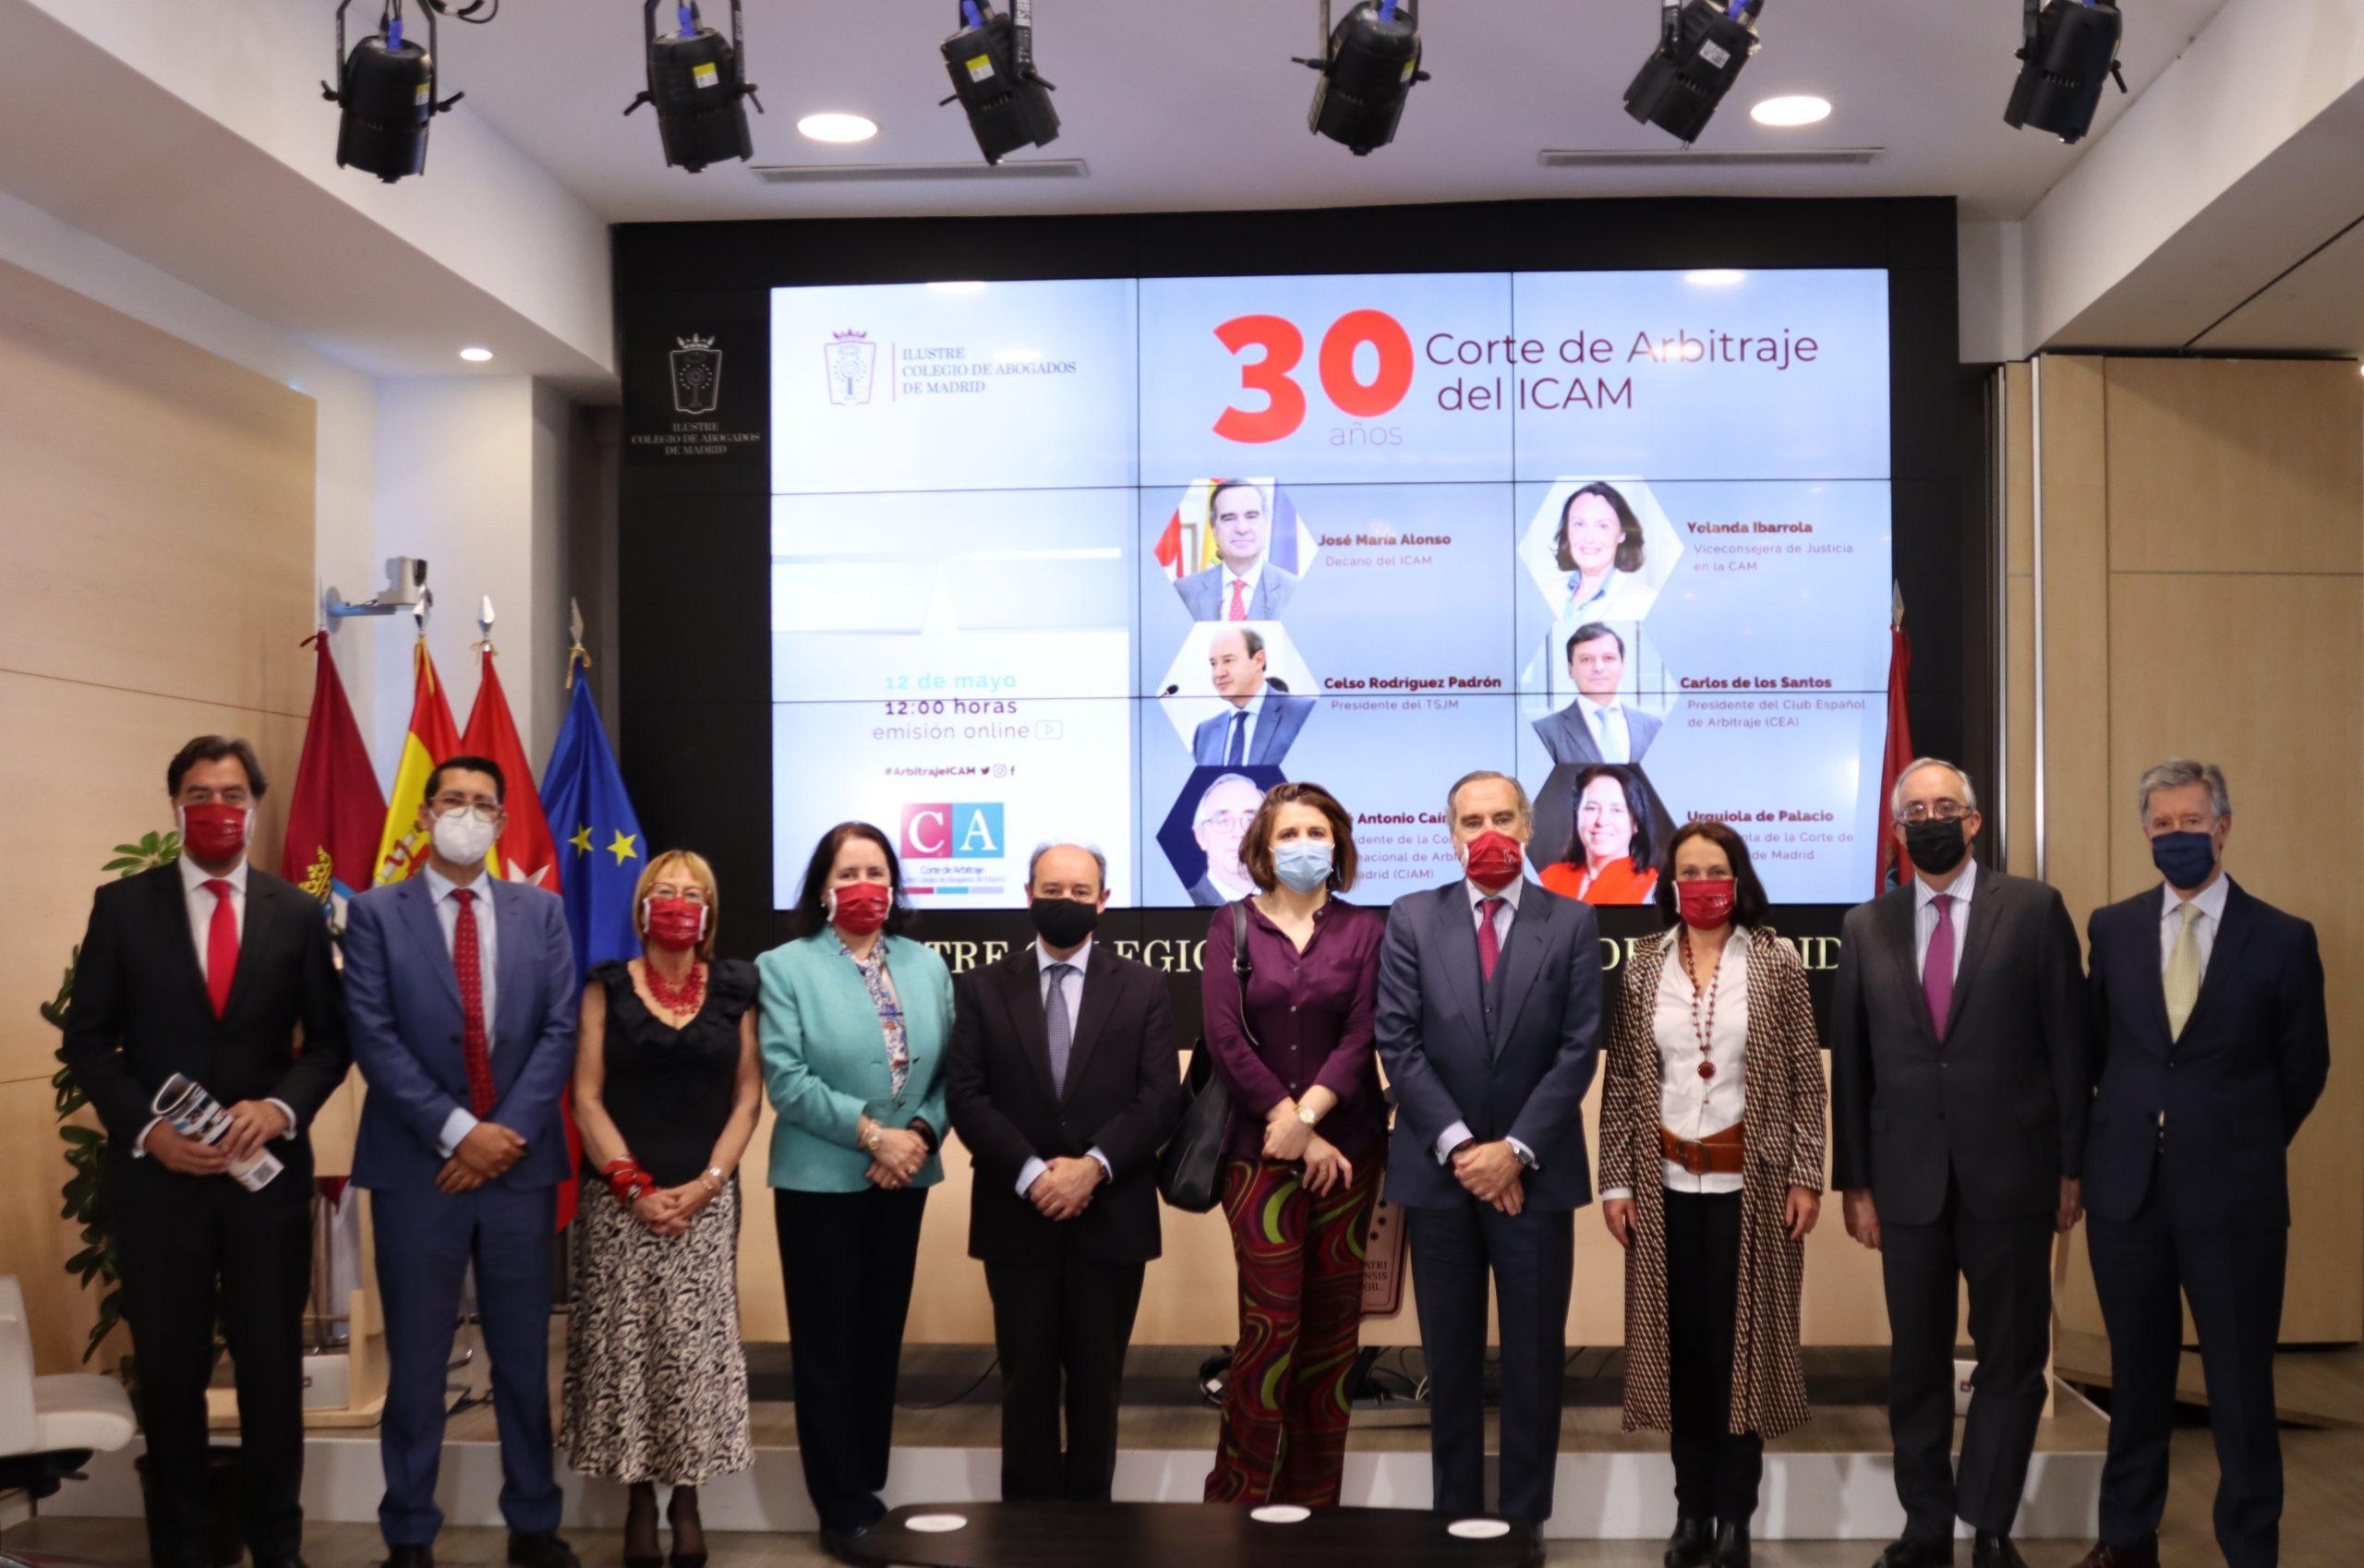 Juristas y políticos abogan por el arbitraje para reactivar la economía y la marca España